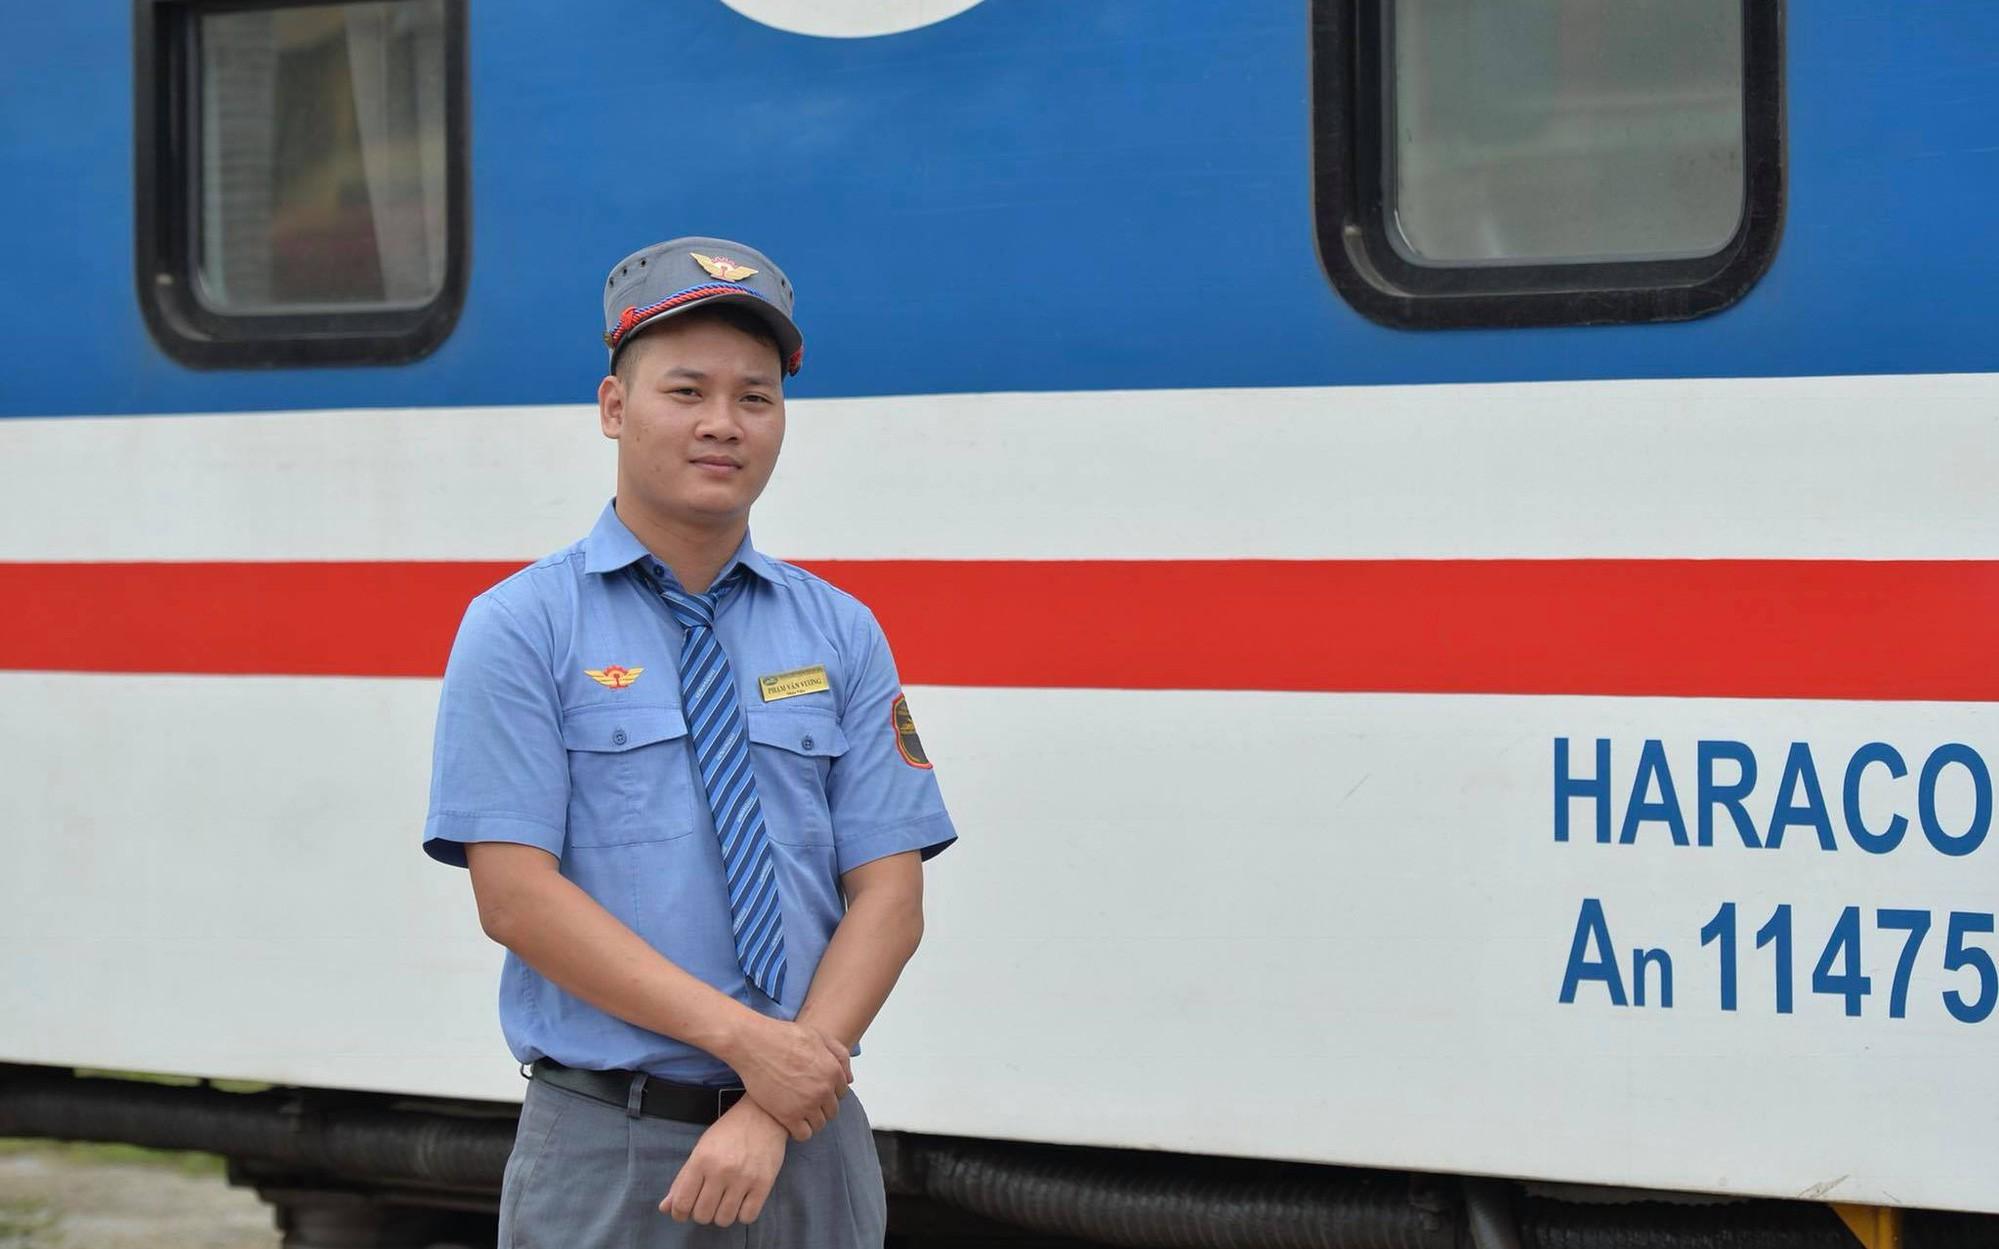 Khen thưởng nhân viên và tổ tàu trả lại hơn 100 triệu cho hành khách bỏ quên